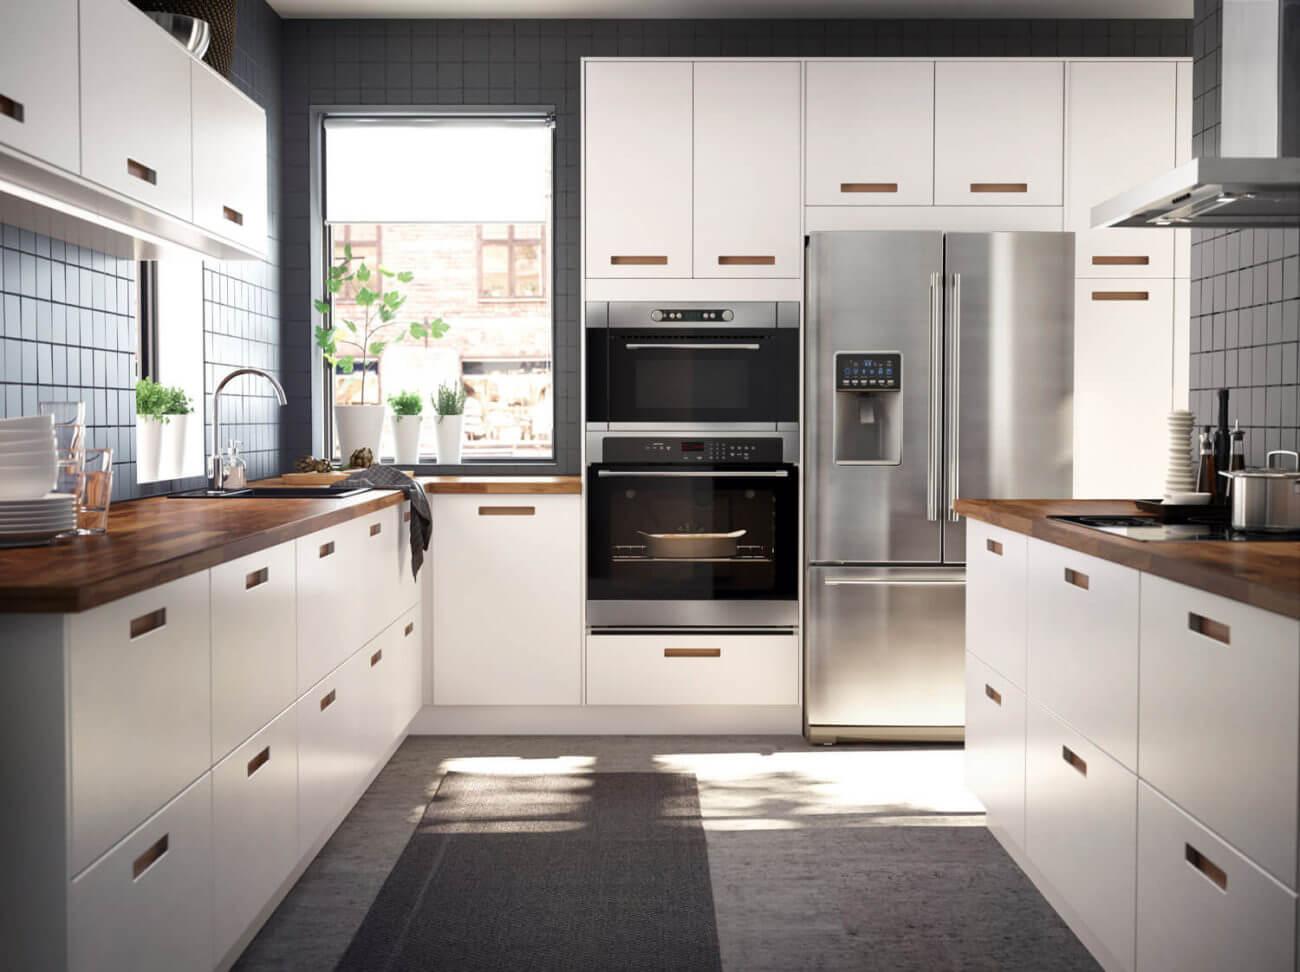 Full Size of Kleine Einbauküche Gebraucht Kleine Einbauküche Mit Elektrogeräten Kleine Einbauküche Ohne Geräte Suche Kleine Einbauküche Küche Kleine Einbauküche